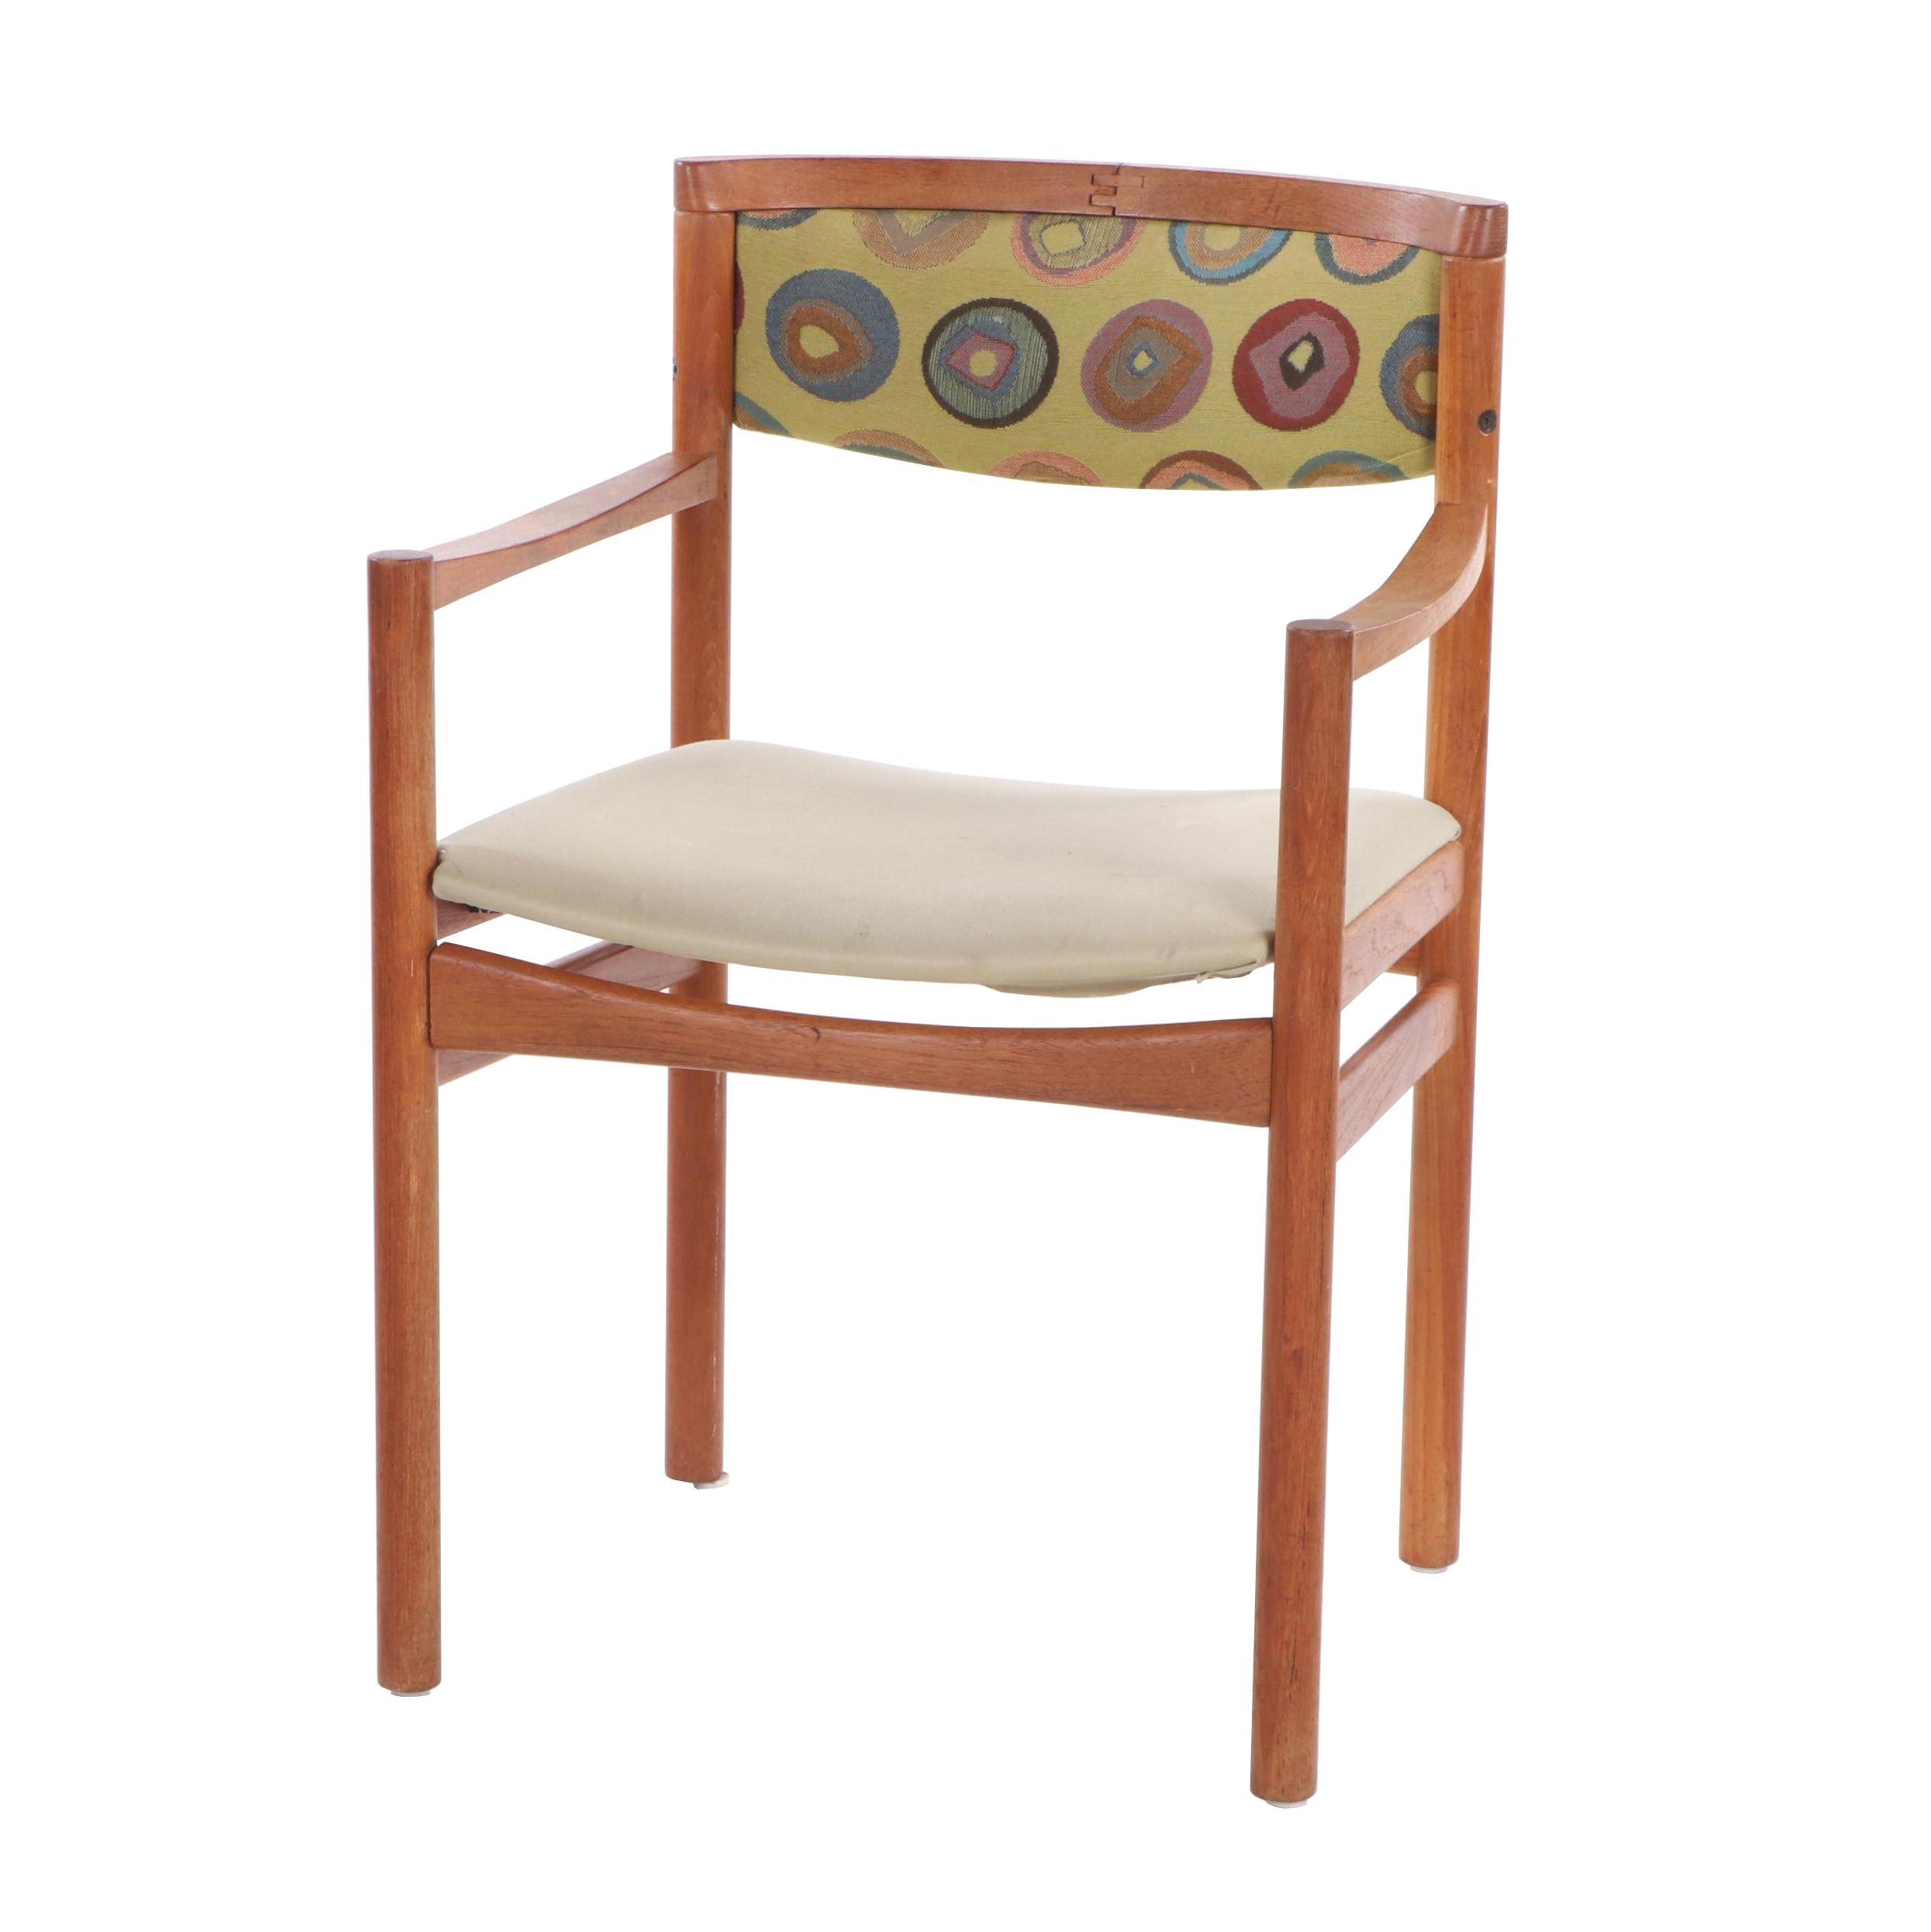 Danish Modern SAX Mobler Upholstered Teak Armchair, Mid-20th Century